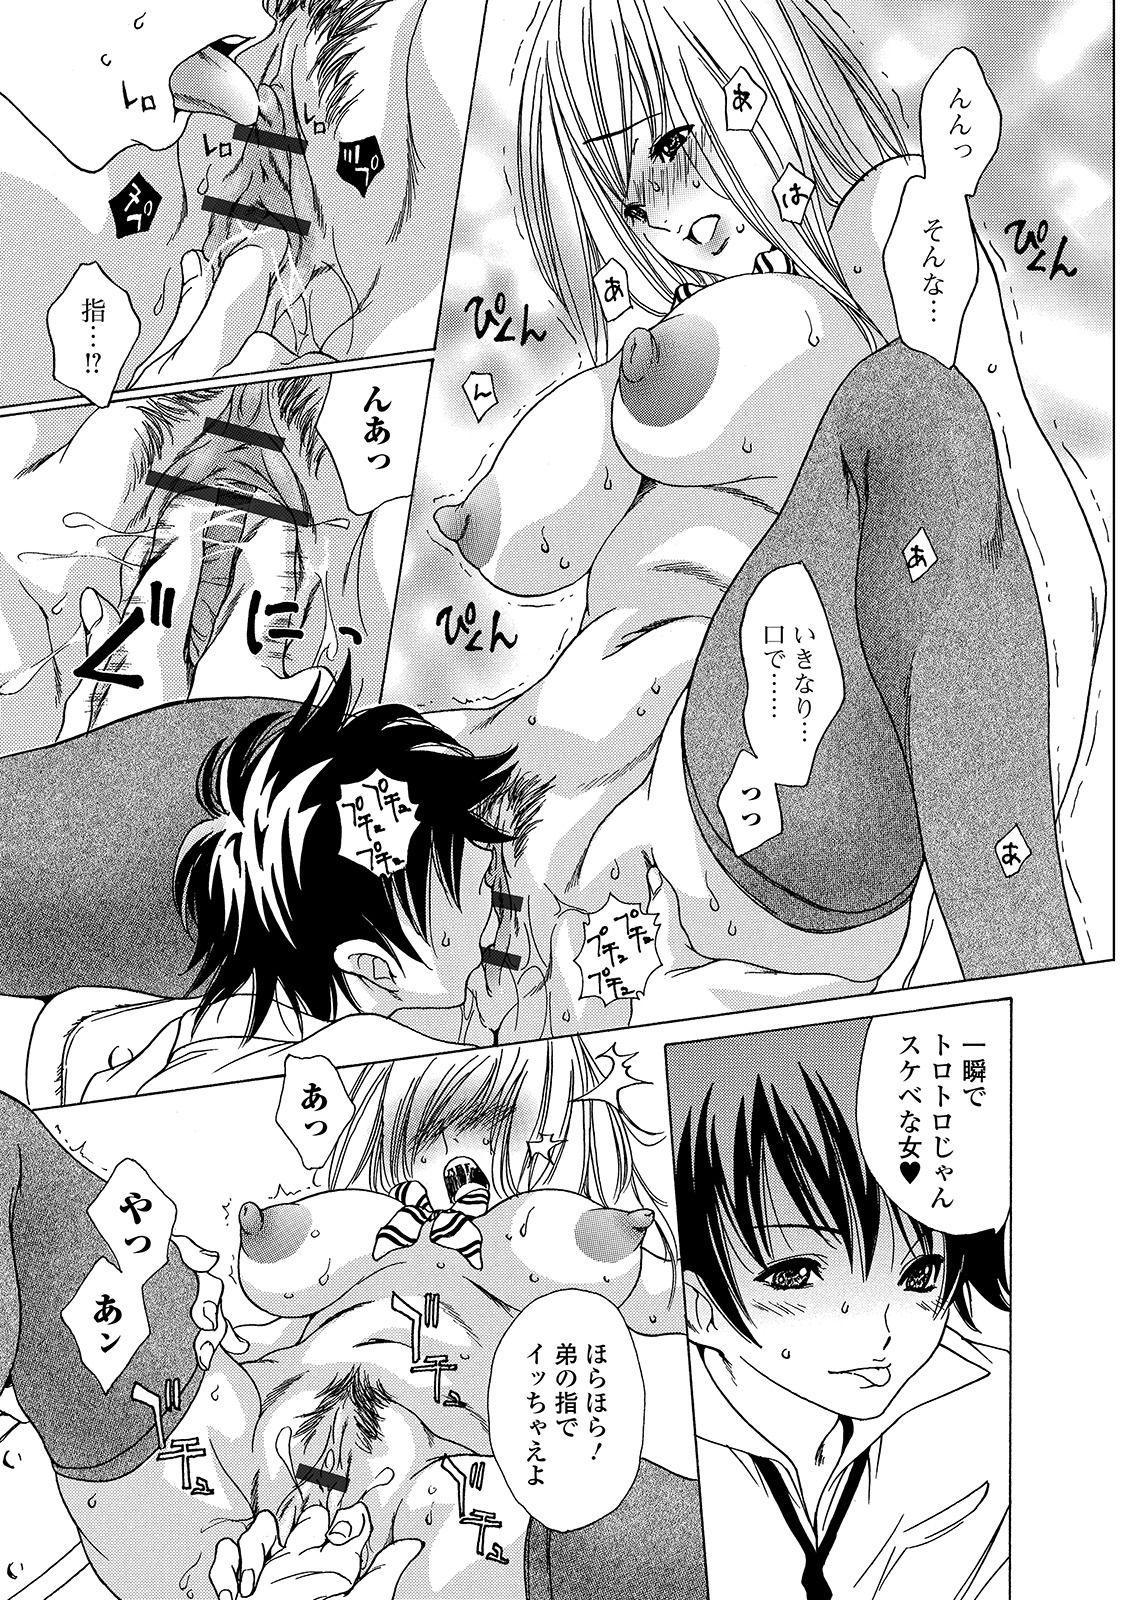 Web Comic Toutetsu Vol. 49 104